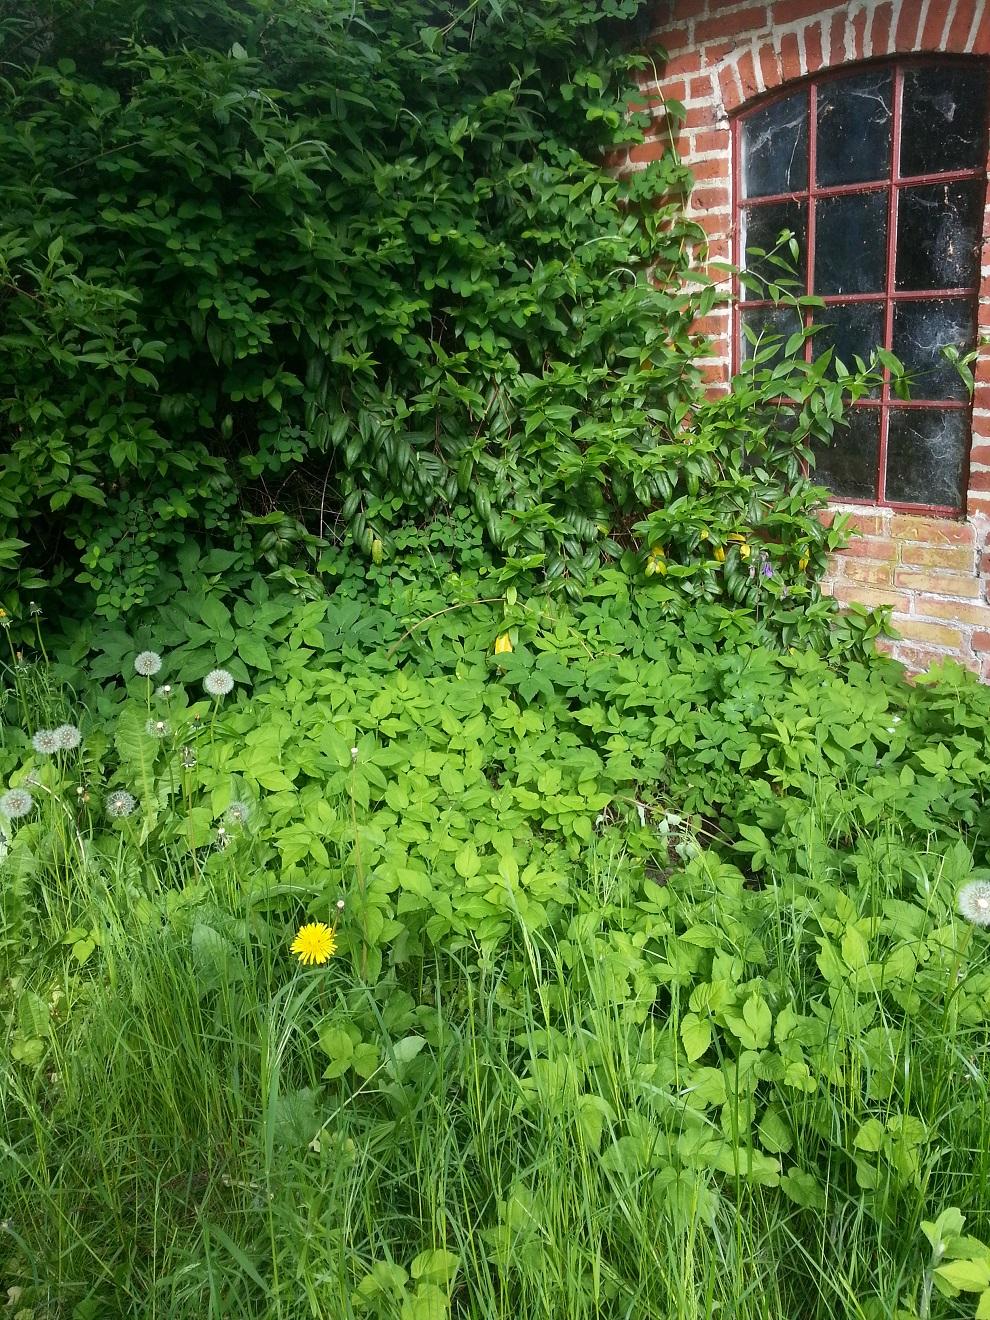 Hier macht das Wildkräuter sammeln so richtig Spass. Diese schöne Ecke in meinem Garten, die so eine fröhliche Fruchtbarkeit ausstrahlt, versorgt mich monatelang mit ungespritztem Giersch in Hülle und Fülle :-